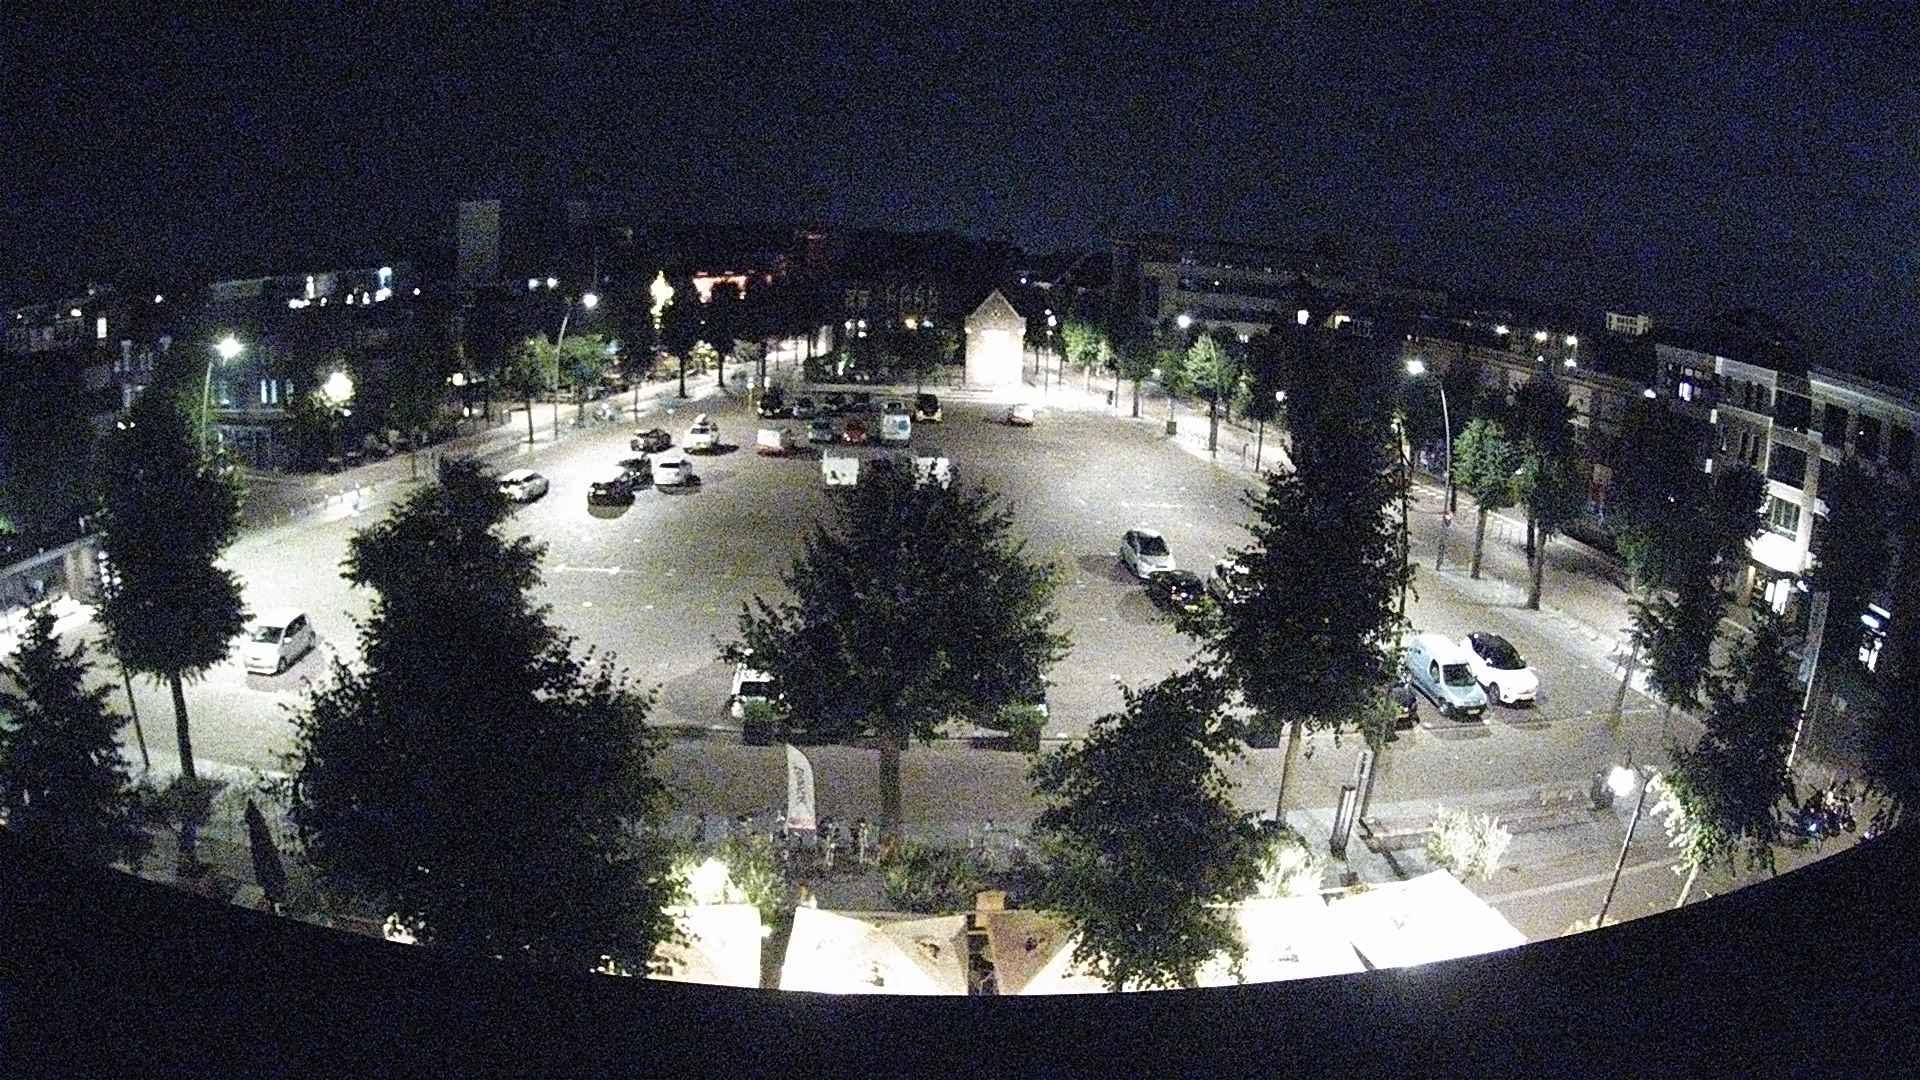 Webcam Uden › East: Markt